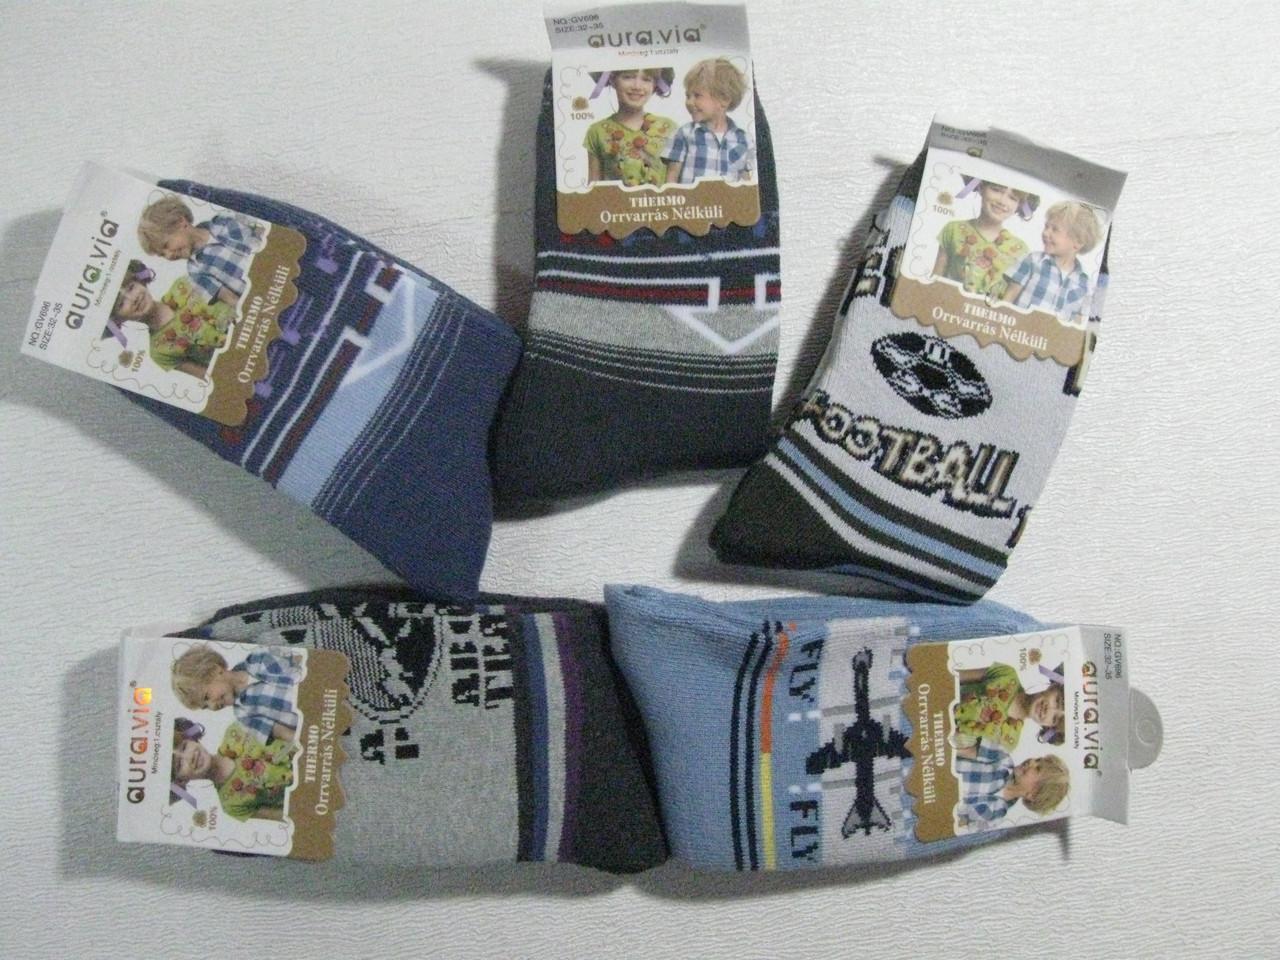 Носки  для мальчика махровые-термо Aura.via размеры 24/27(10шт).. арт. 696